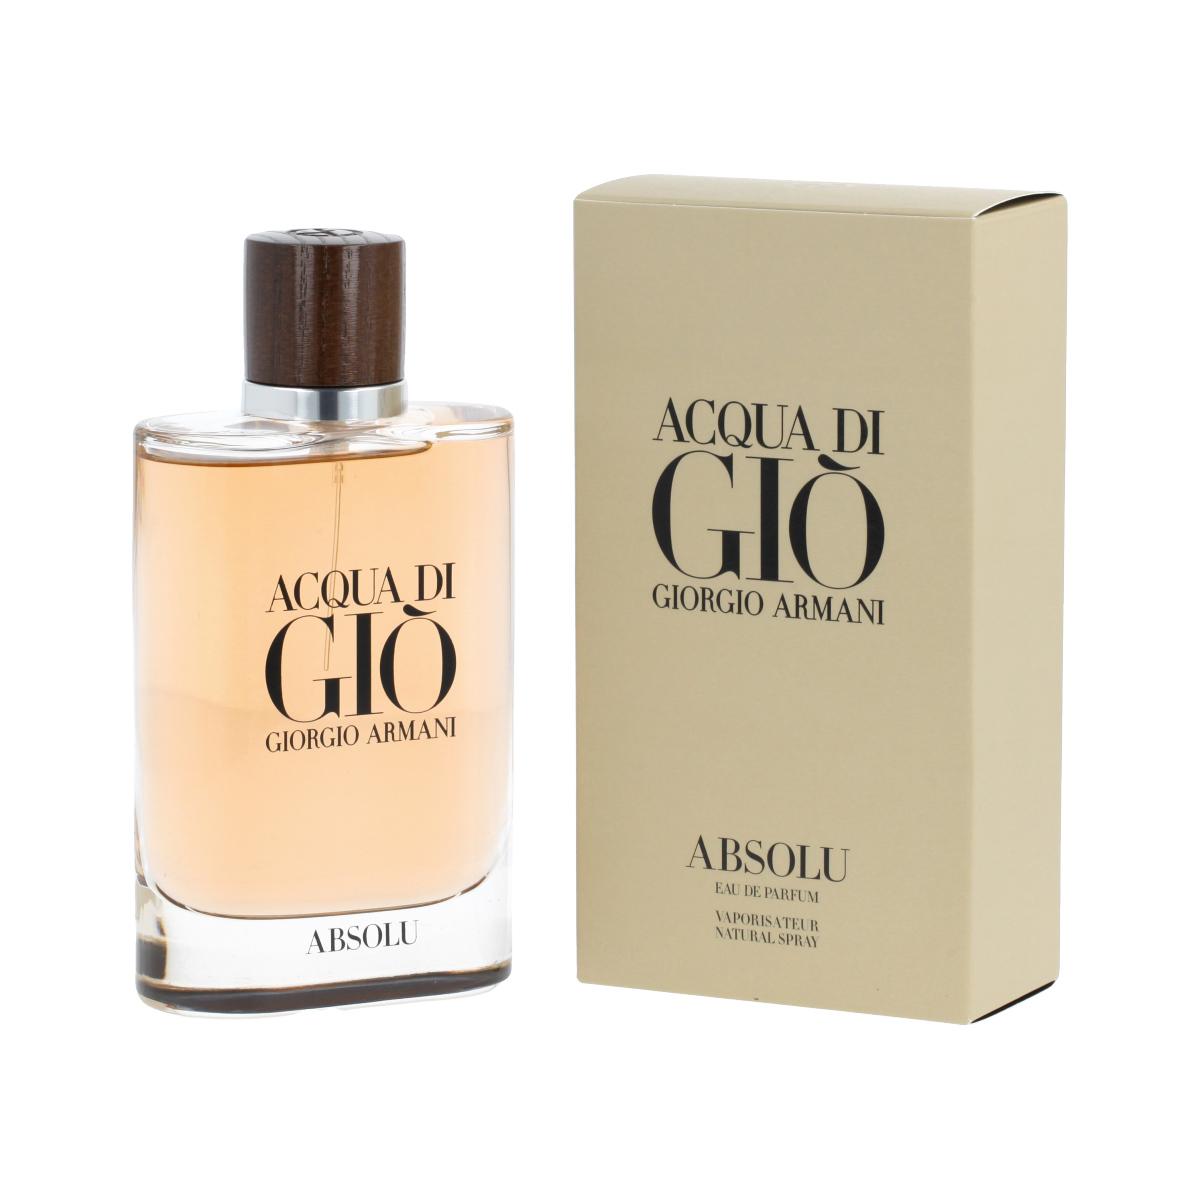 Armani Giorgio Acqua Di Gio Absolu EDP 125 ml M